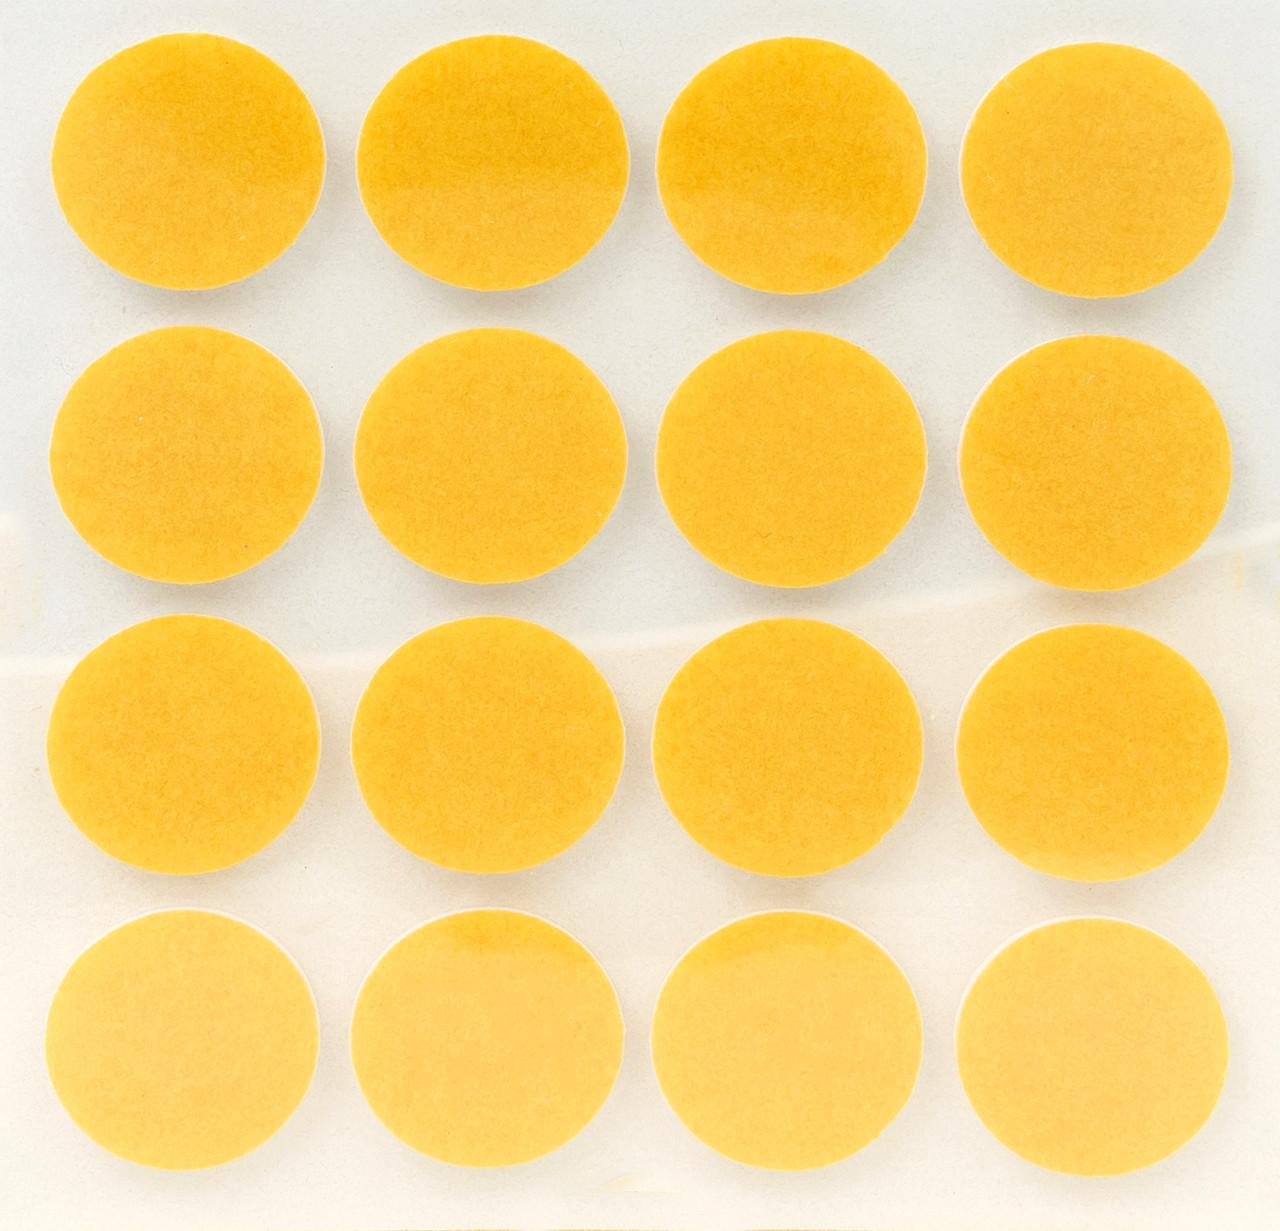 Высечка из двухсторонней ленты HPX 21551 - 16 подушечек, d=20мм, фото 1